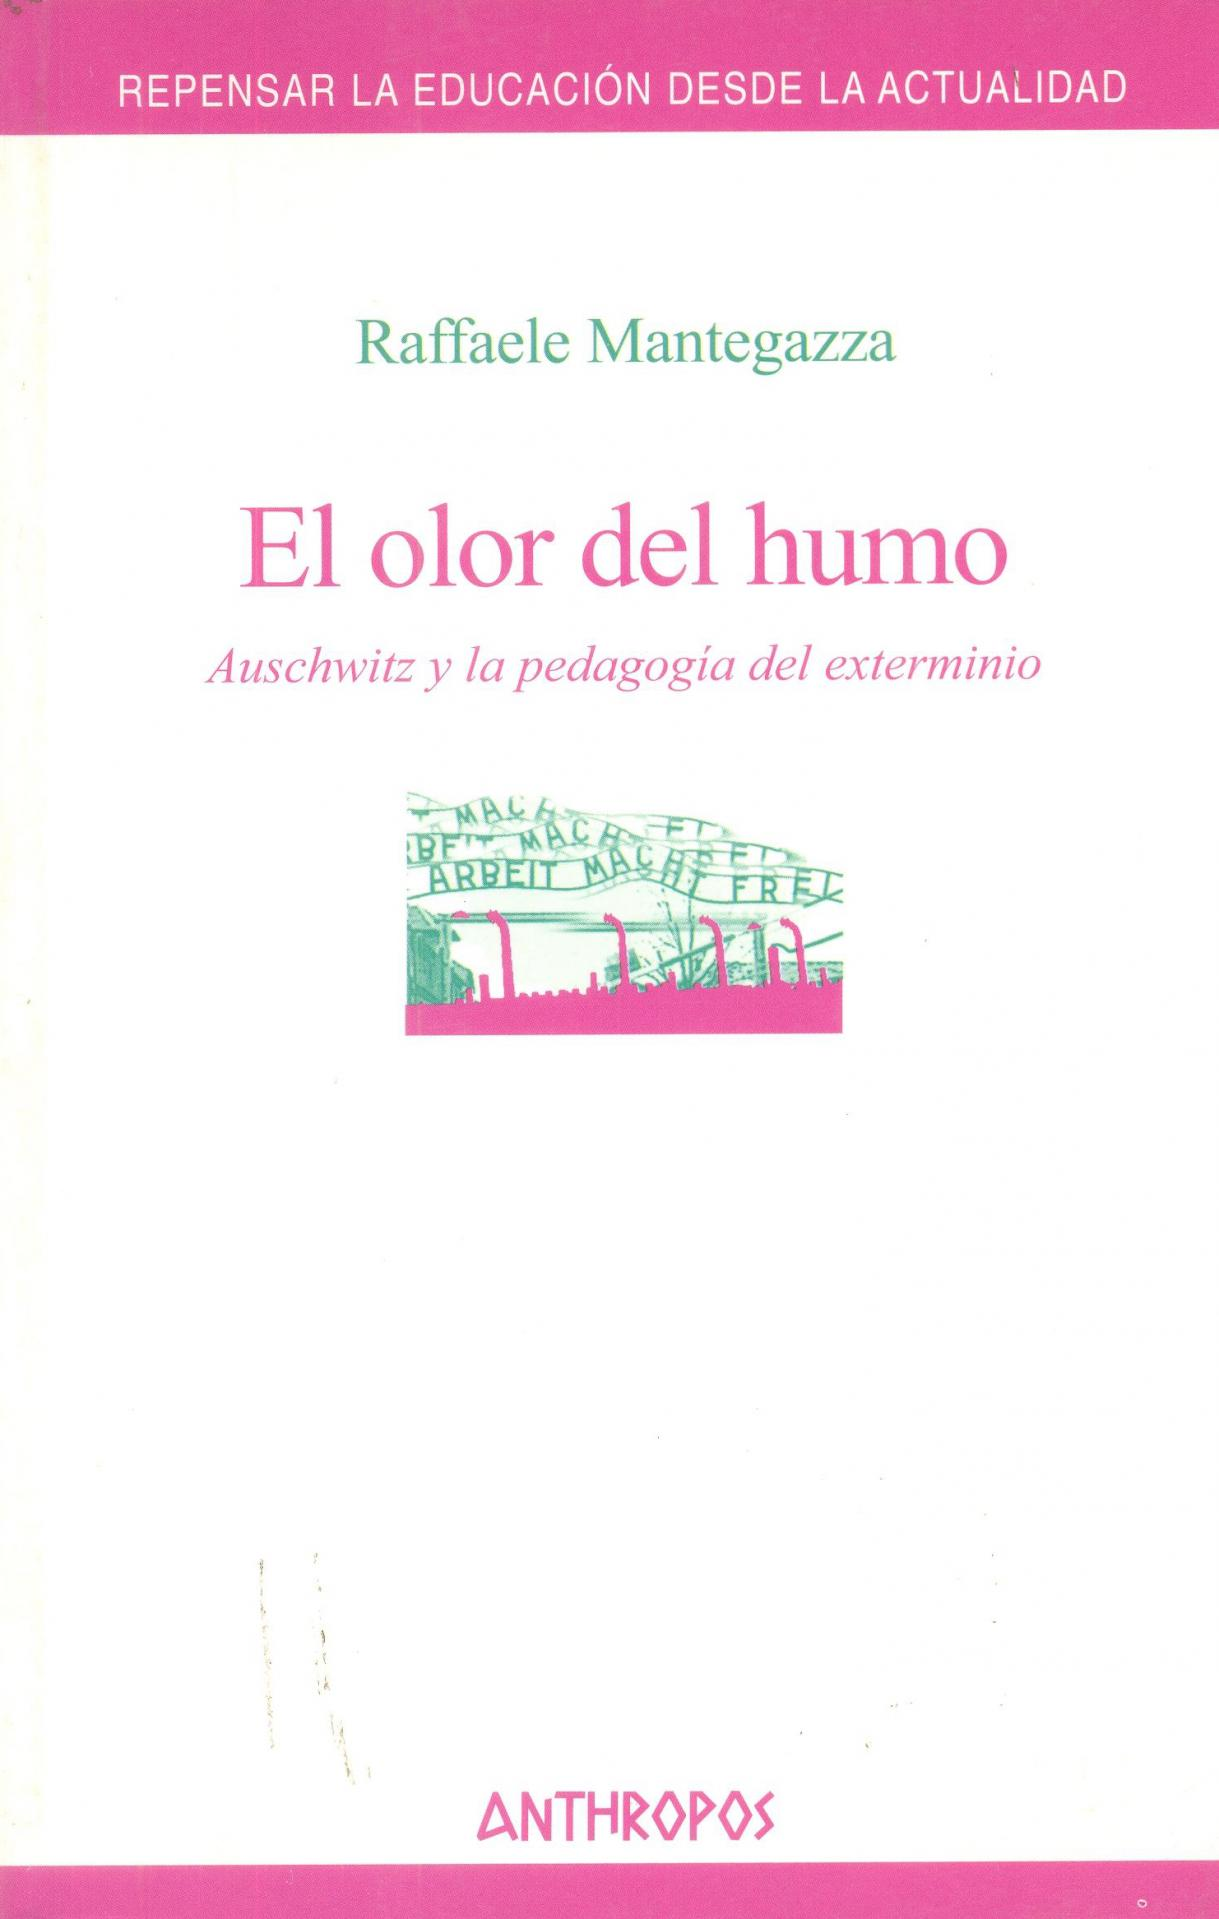 EL OLOR DEL HUMO. Auschwitz y la pedagogía del exterminio. Mantegazza, R.